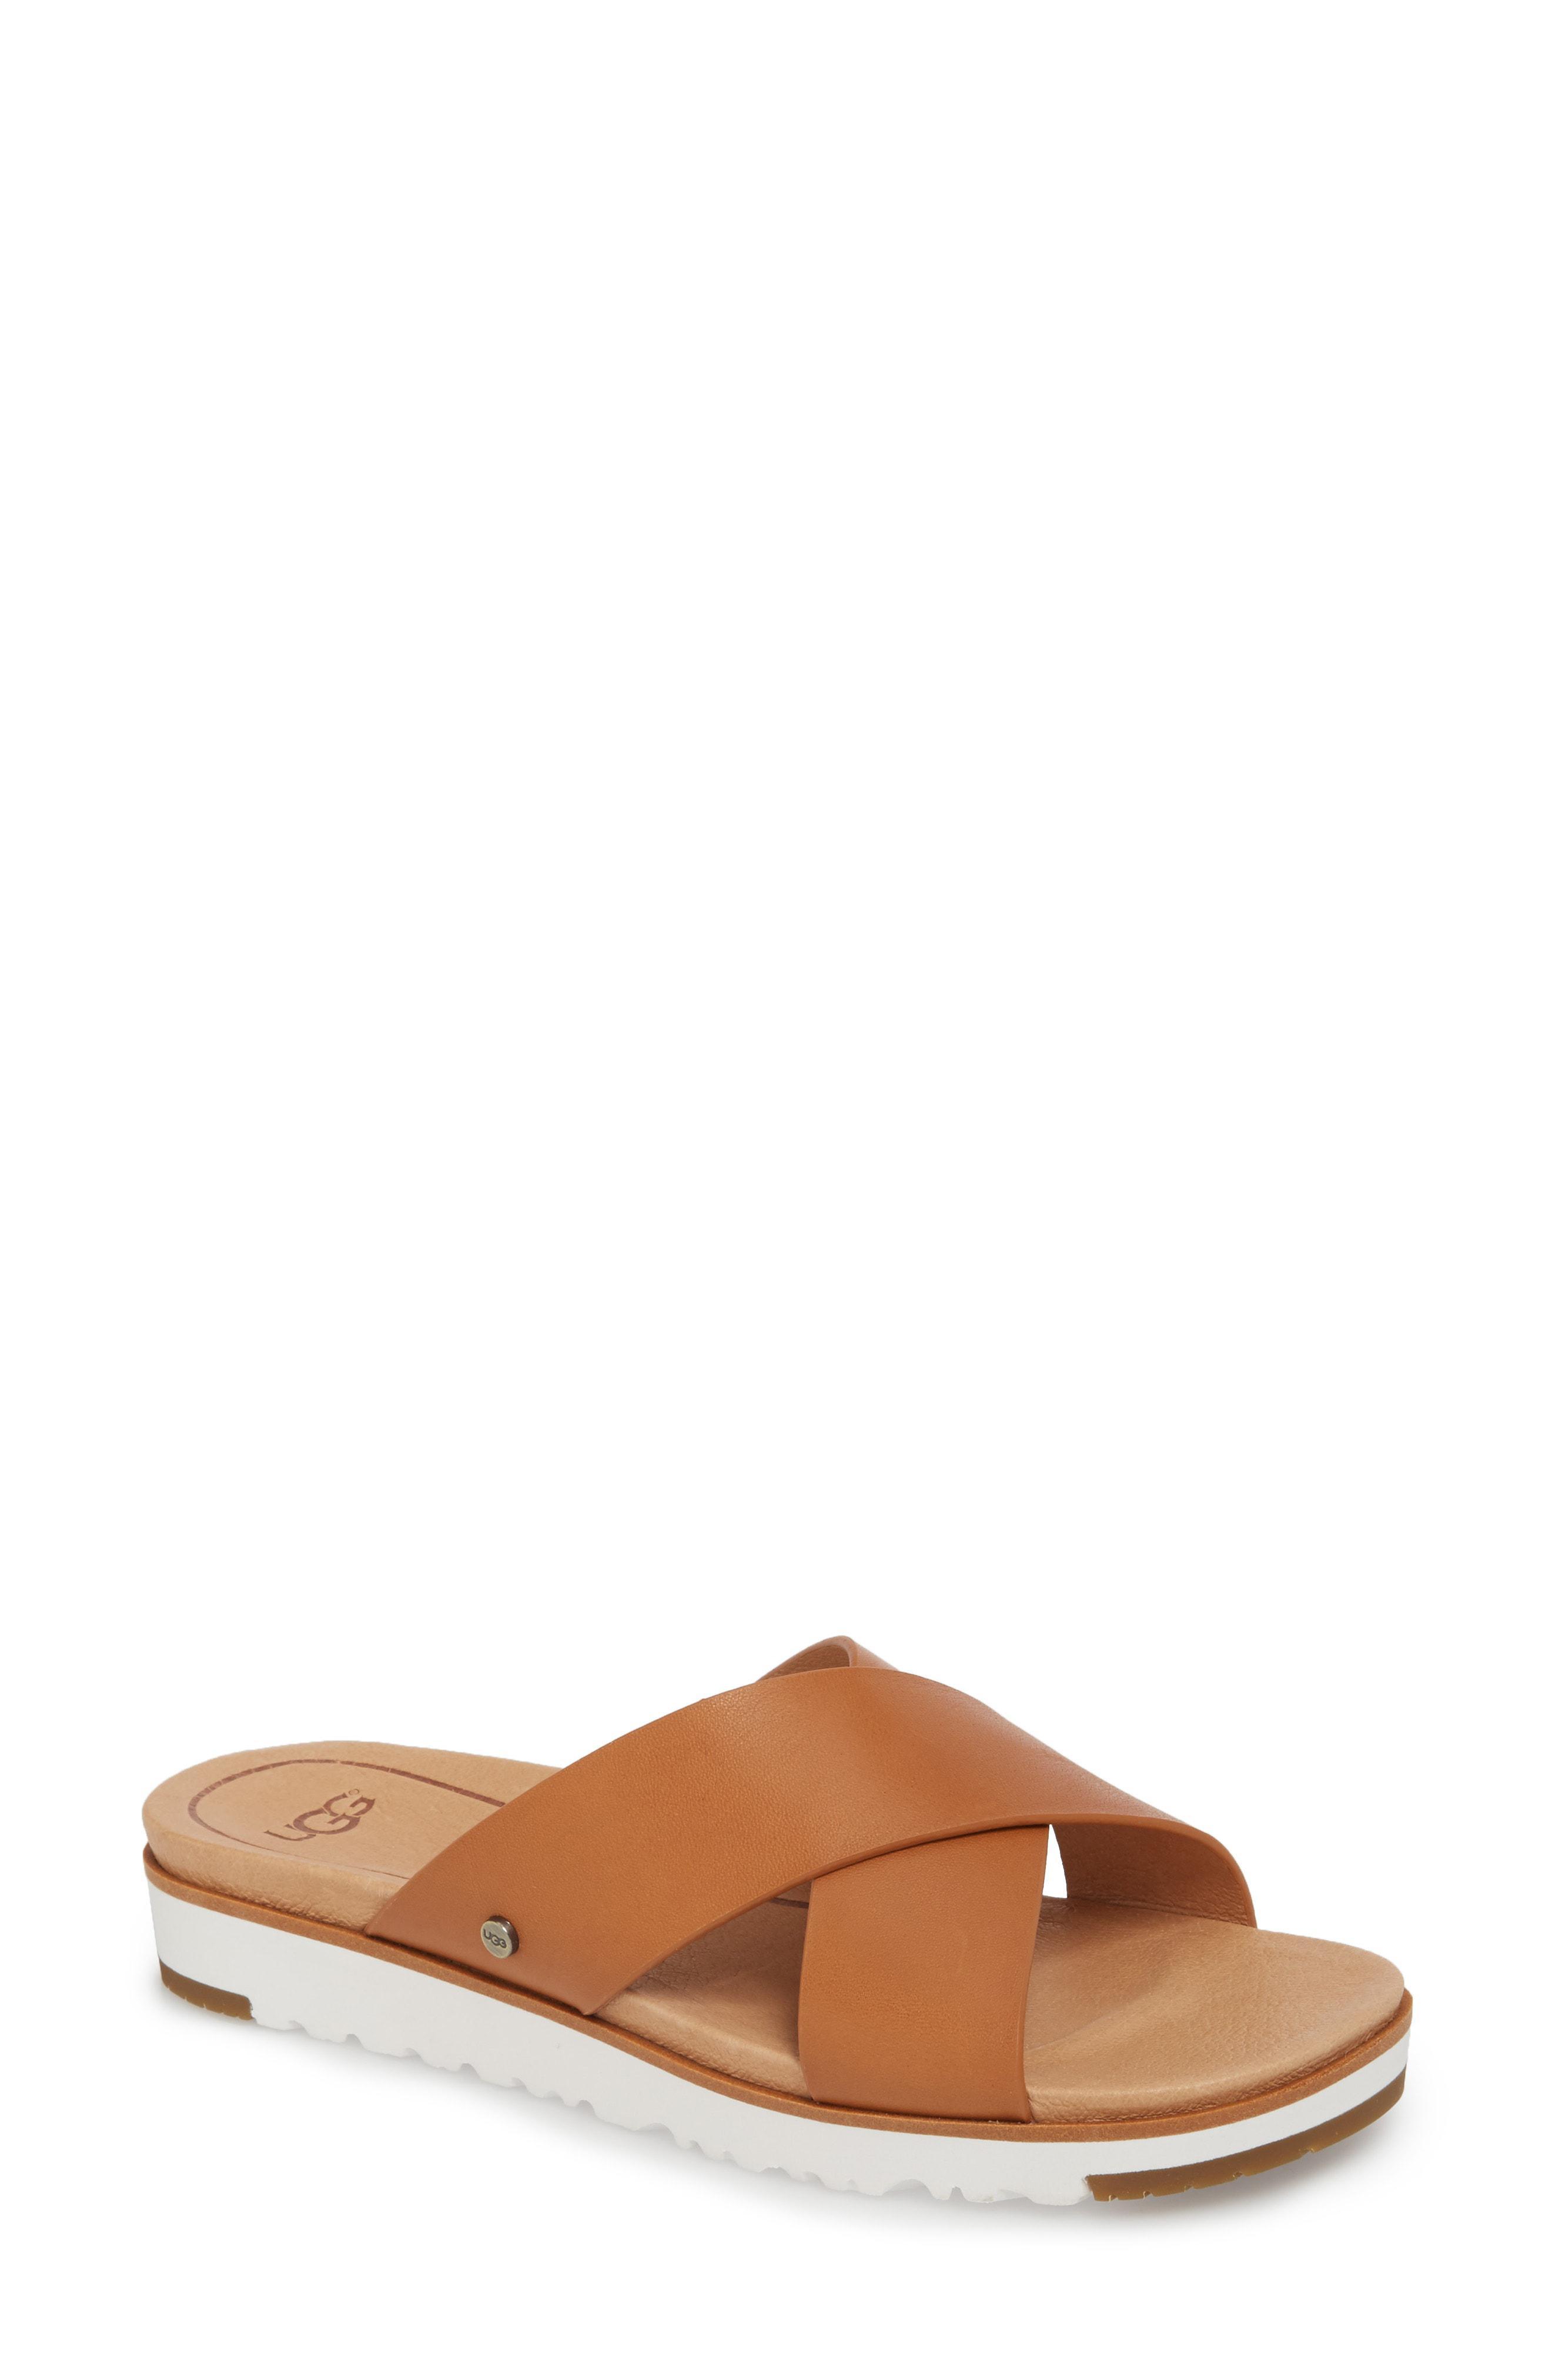 4d85ff5d7666 Lyst - Ugg Ugg  kari  Sandal in Brown